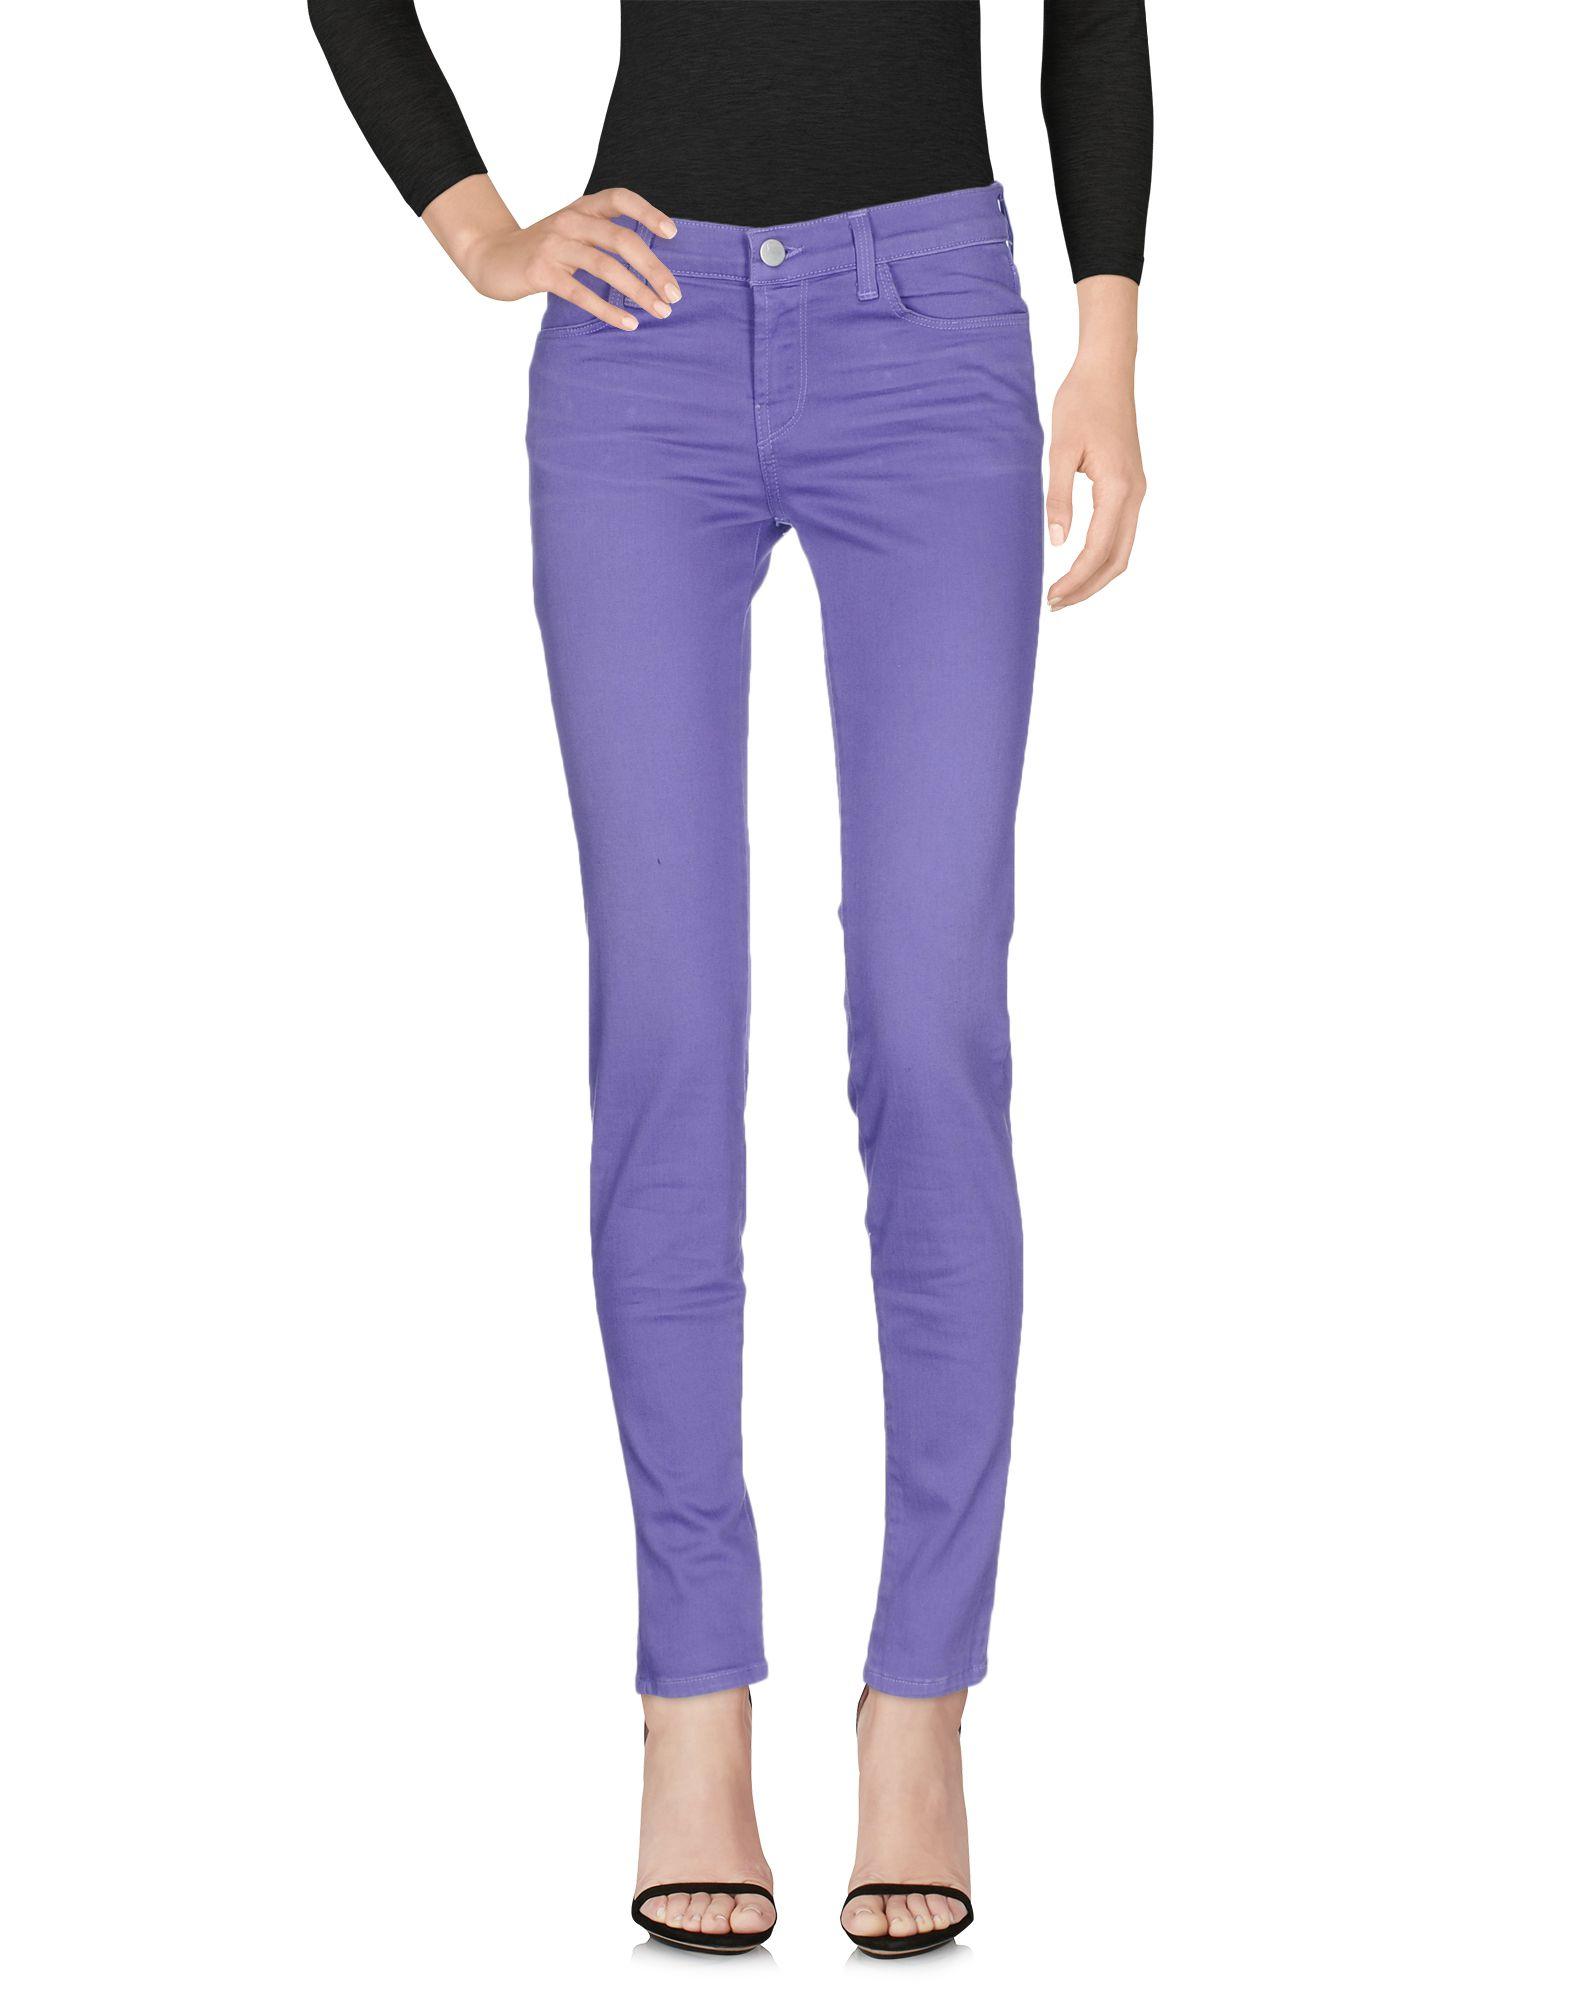 J BRAND Damen Jeanshose Farbe Violett Größe 2